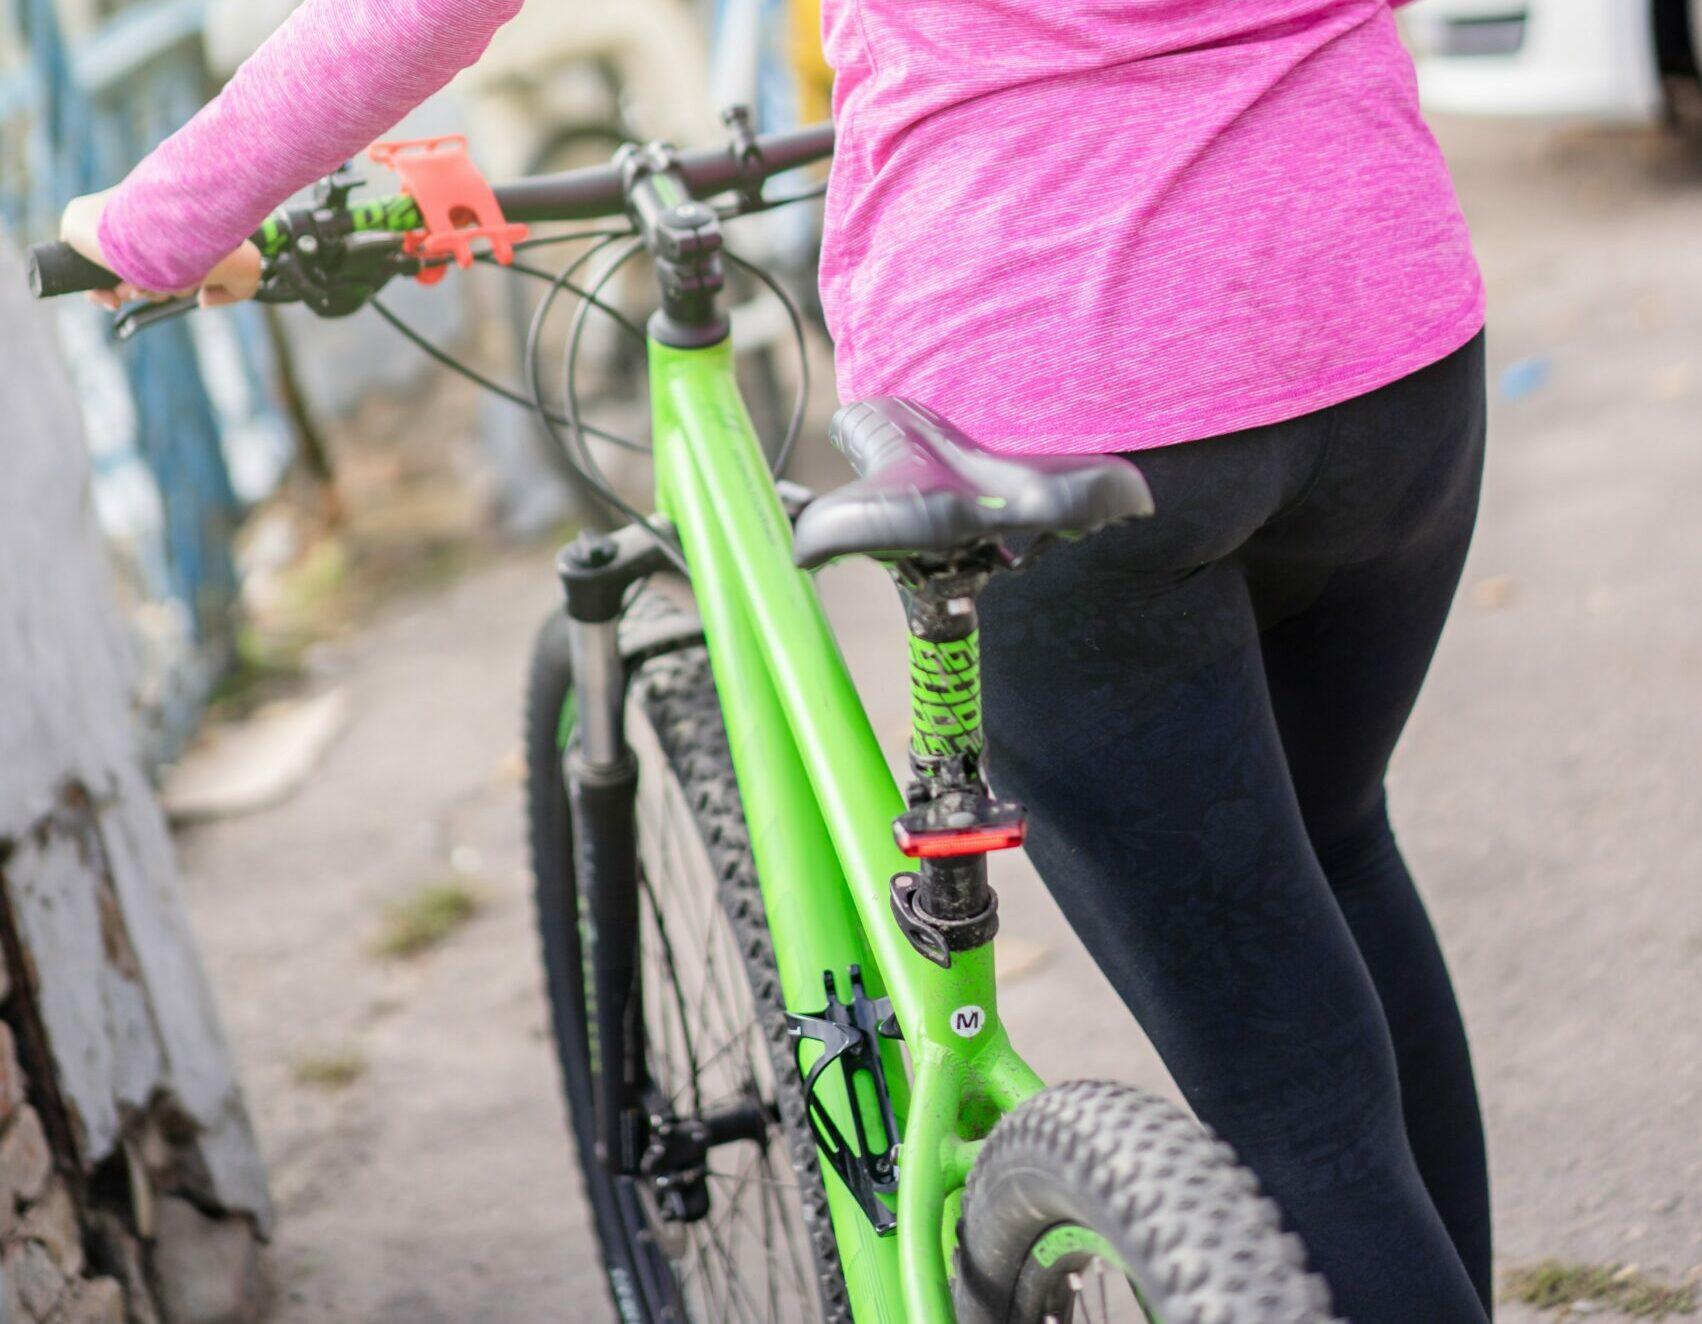 A woman pushing her bike